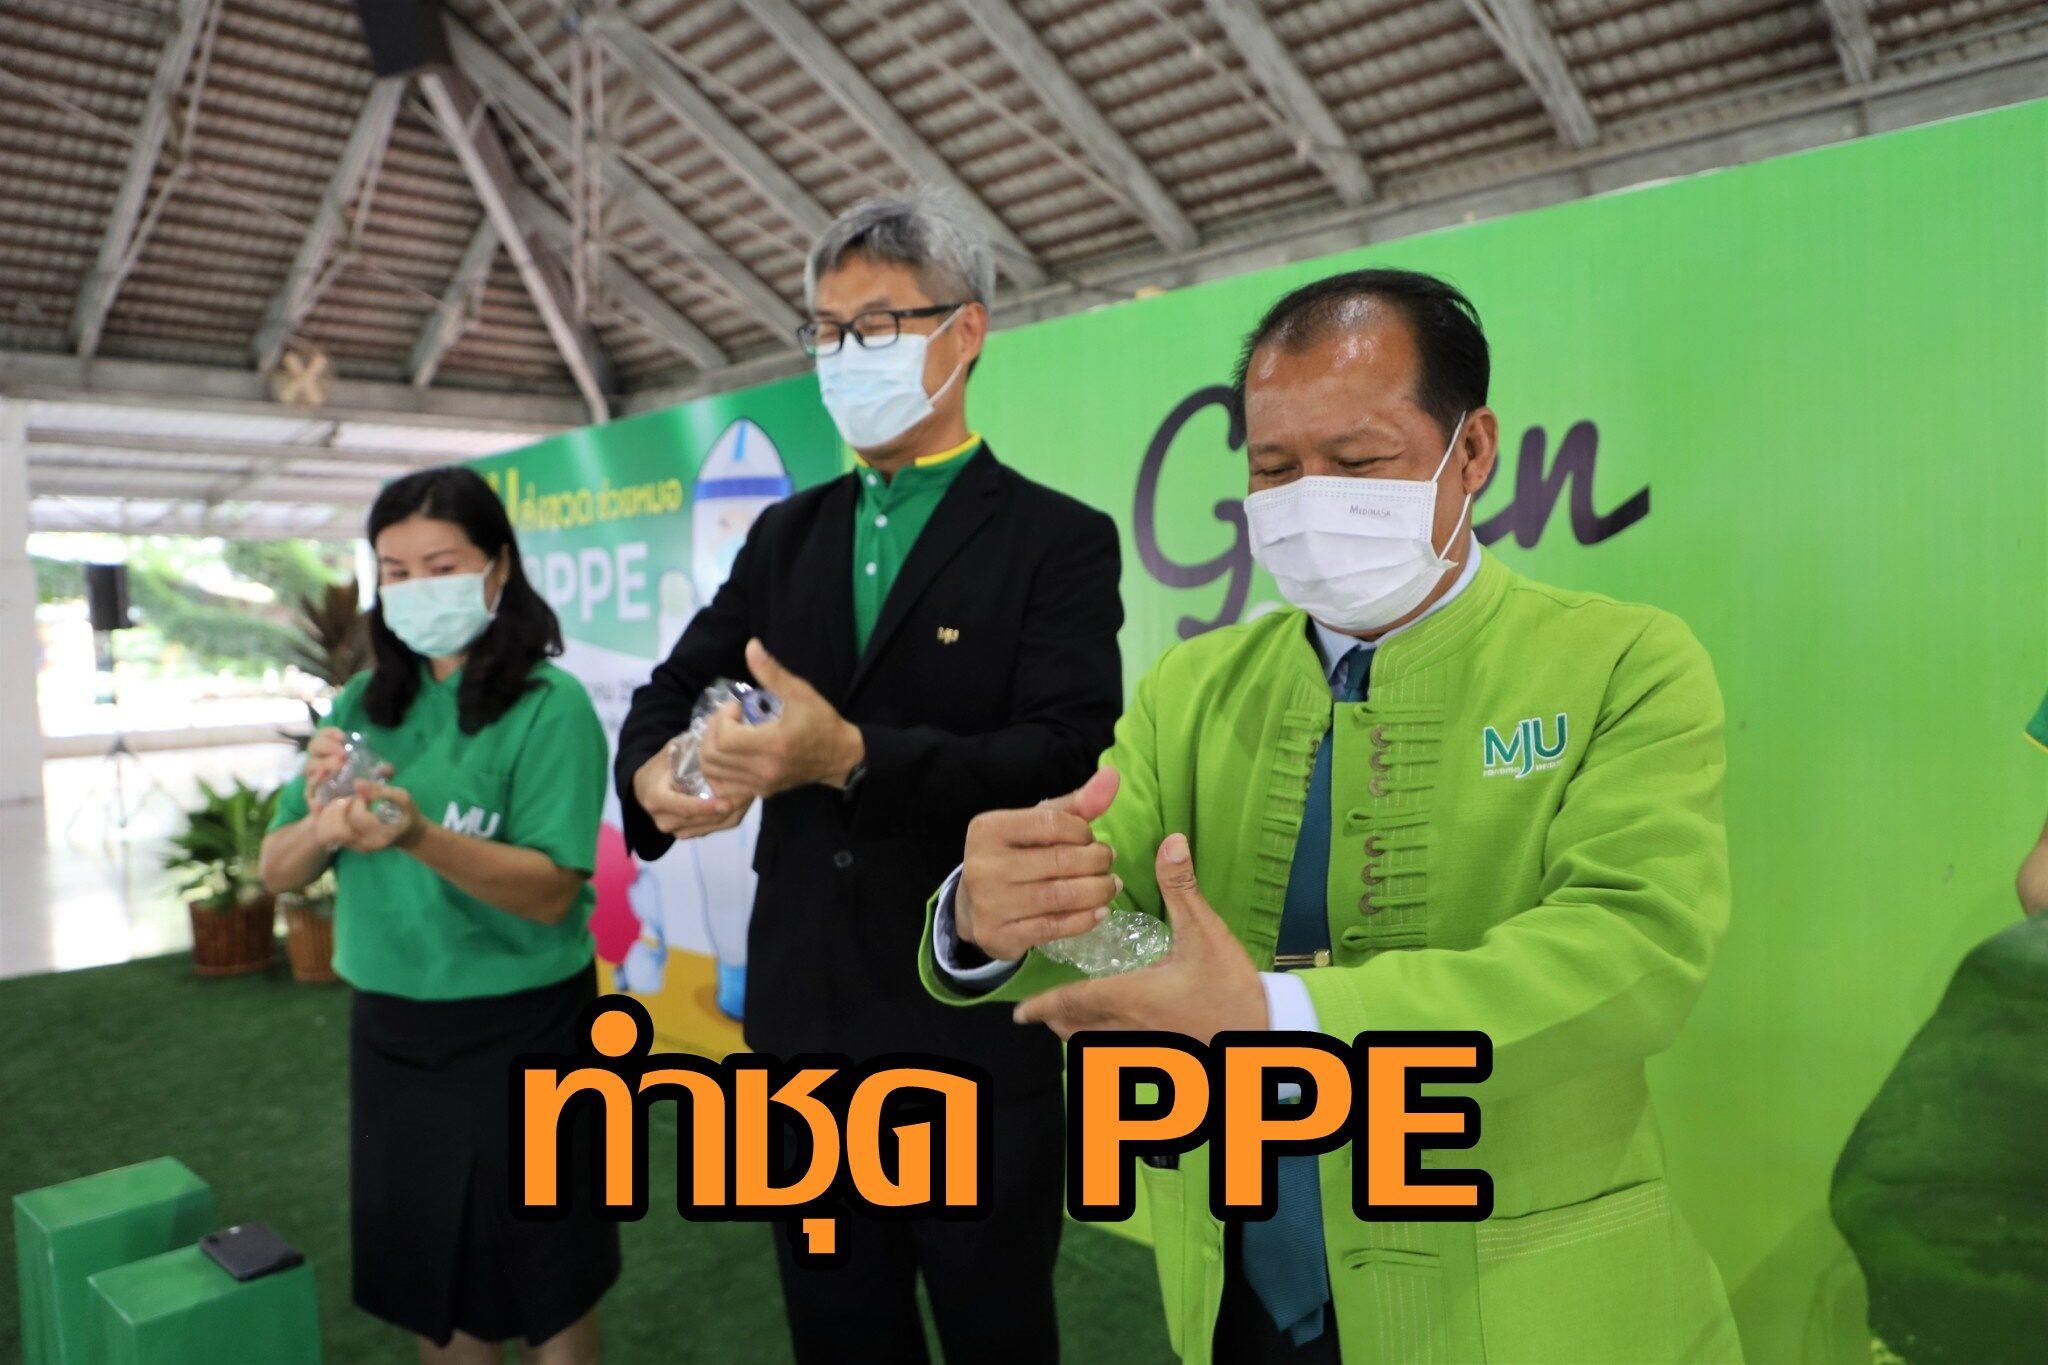 'แม่โจ้' เปิดรับบริจาคขวดพลาสติกใส ผลิตชุด PPE ช่วยบุคลากรด่านหน้าสู้โควิด